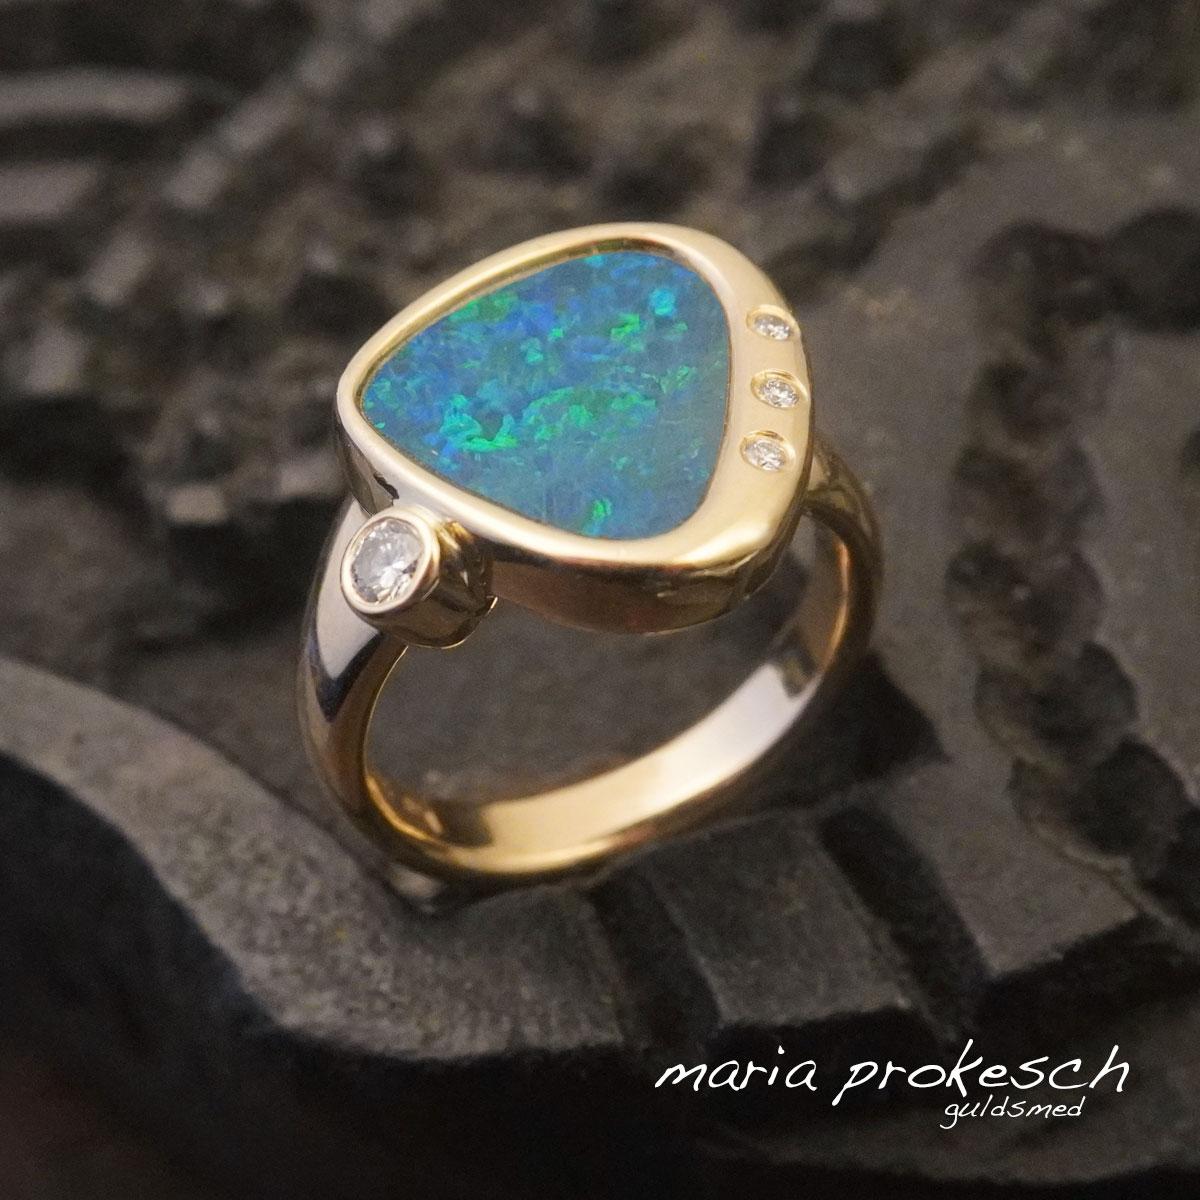 Damering med opal i blå og grønne farver. Ring  håndlavet i 14 kt guld med asymmetrisk placering af diamanter.